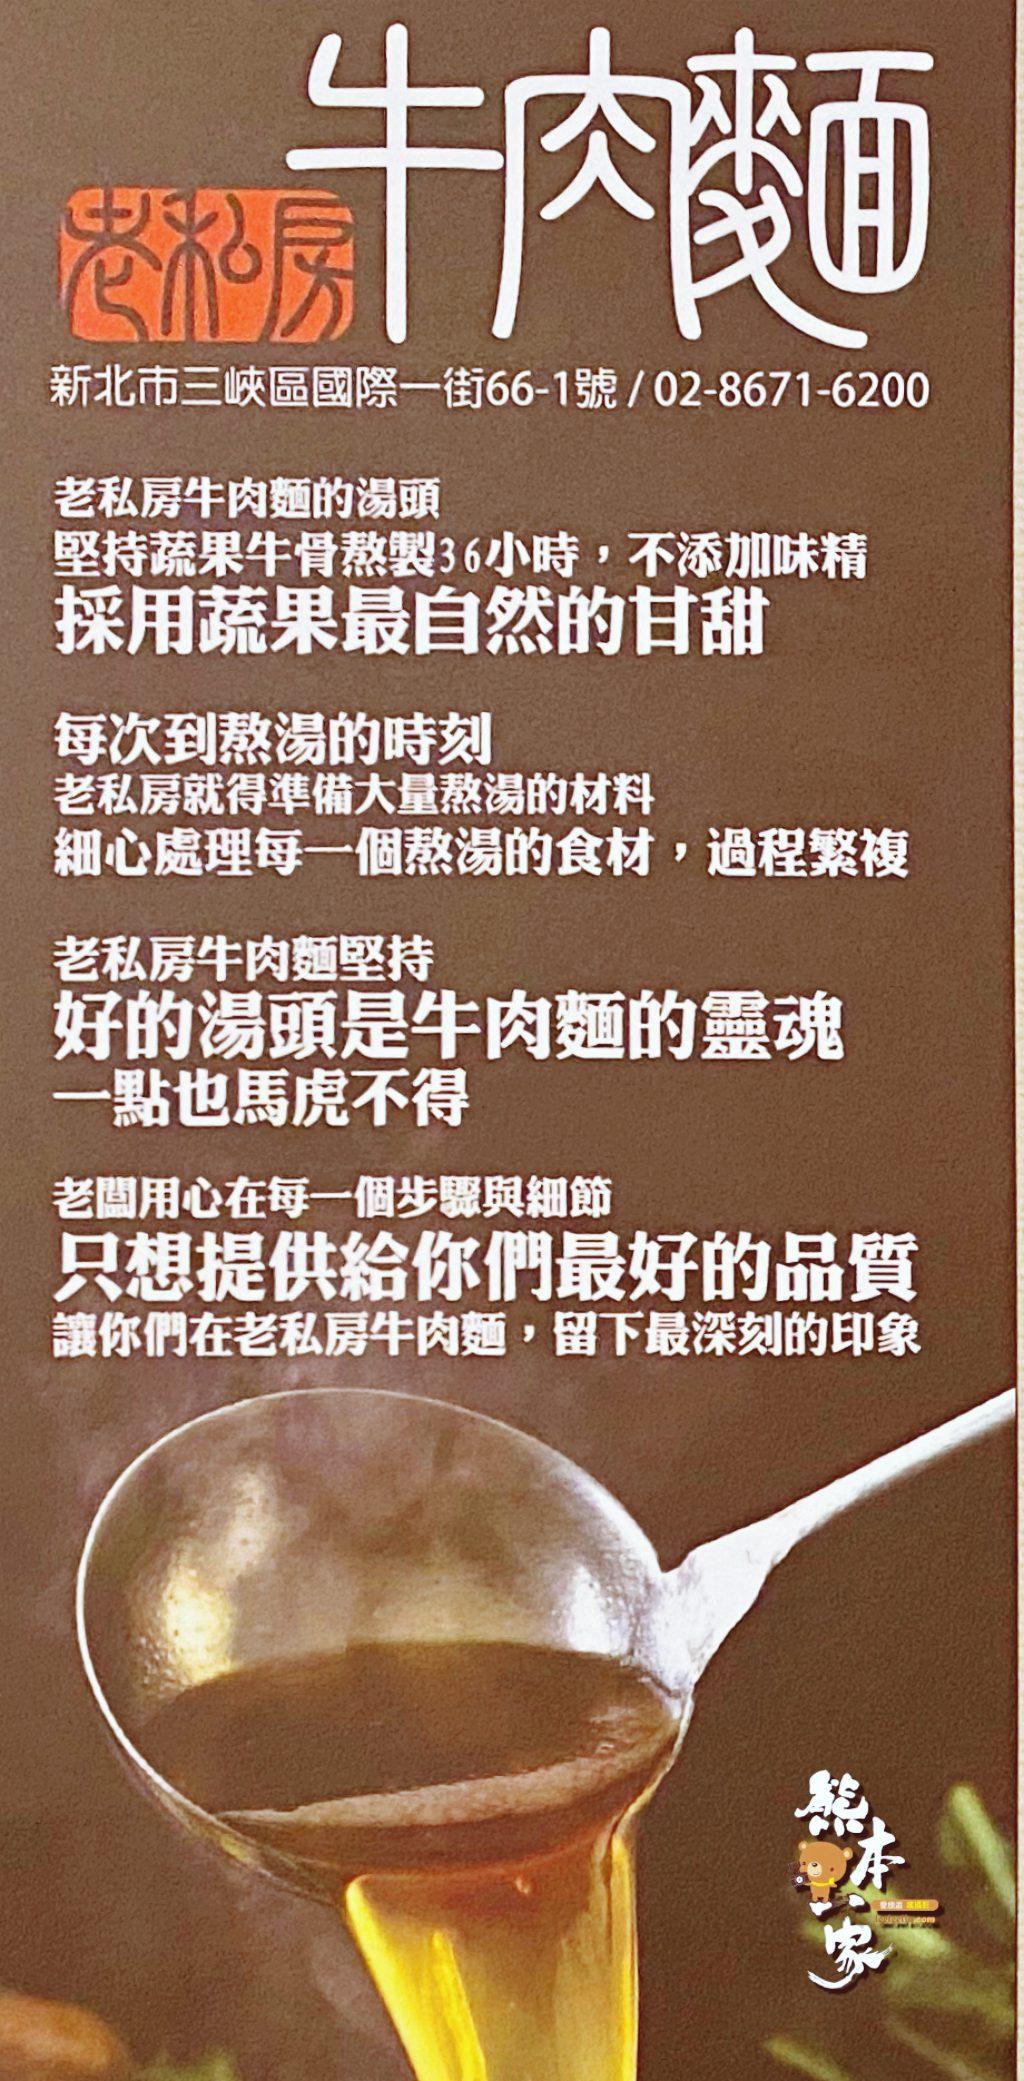 老私房牛肉麵菜單menu|放大清晰版詳細分類資訊